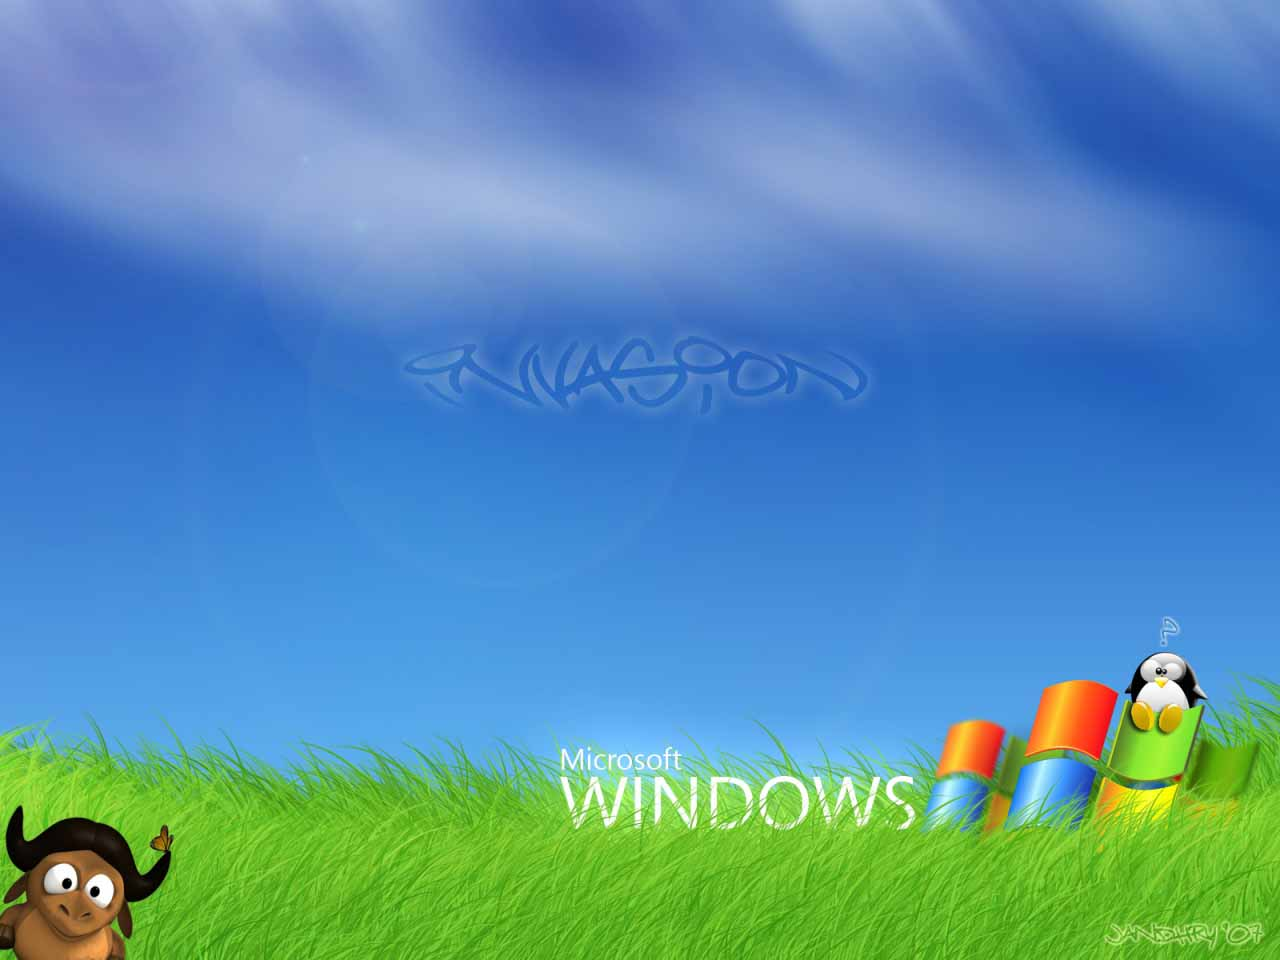 http://2.bp.blogspot.com/-k8gStIVqphI/T8ew1iZiMCI/AAAAAAAAAIw/oIltfSHK5_E/s1600/windows-vista-wallpaper-10.jpg